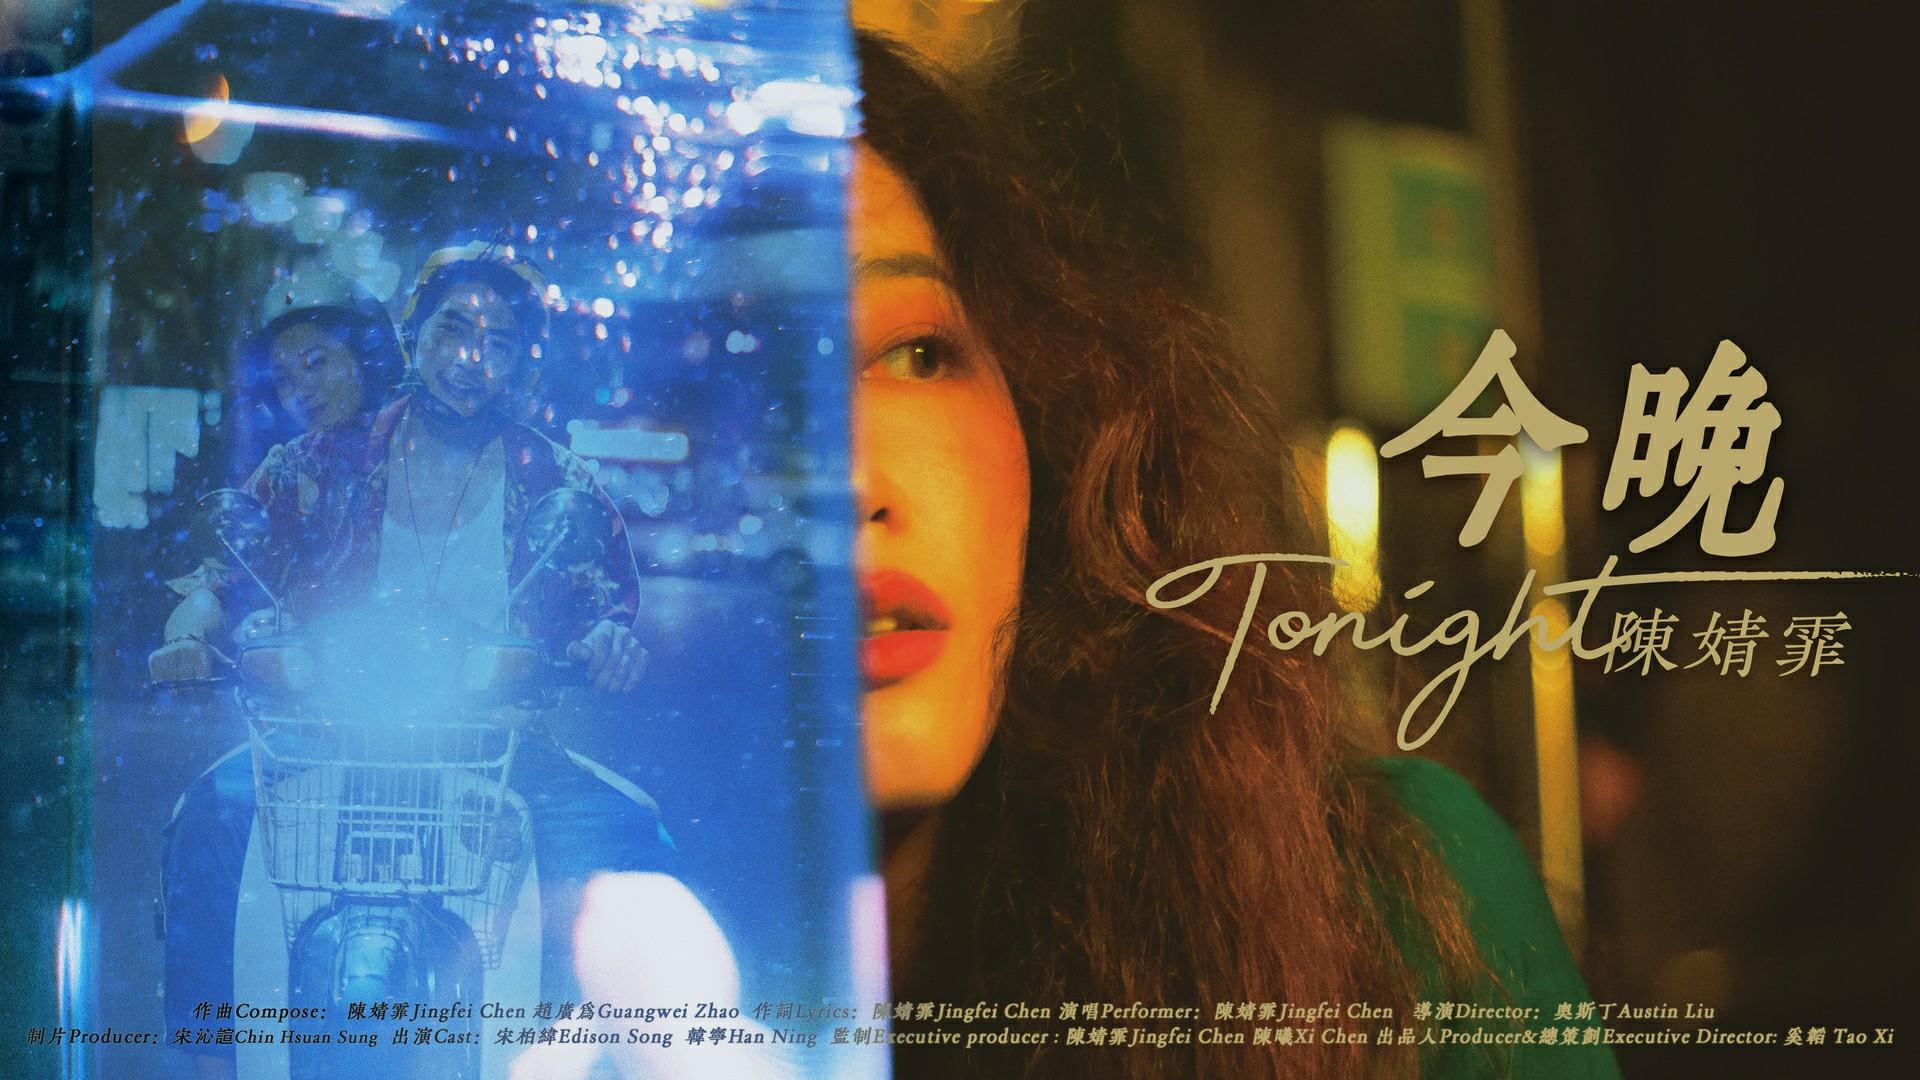 陈婧霏《今晚》上线 复古曲调和光影下的时光记忆